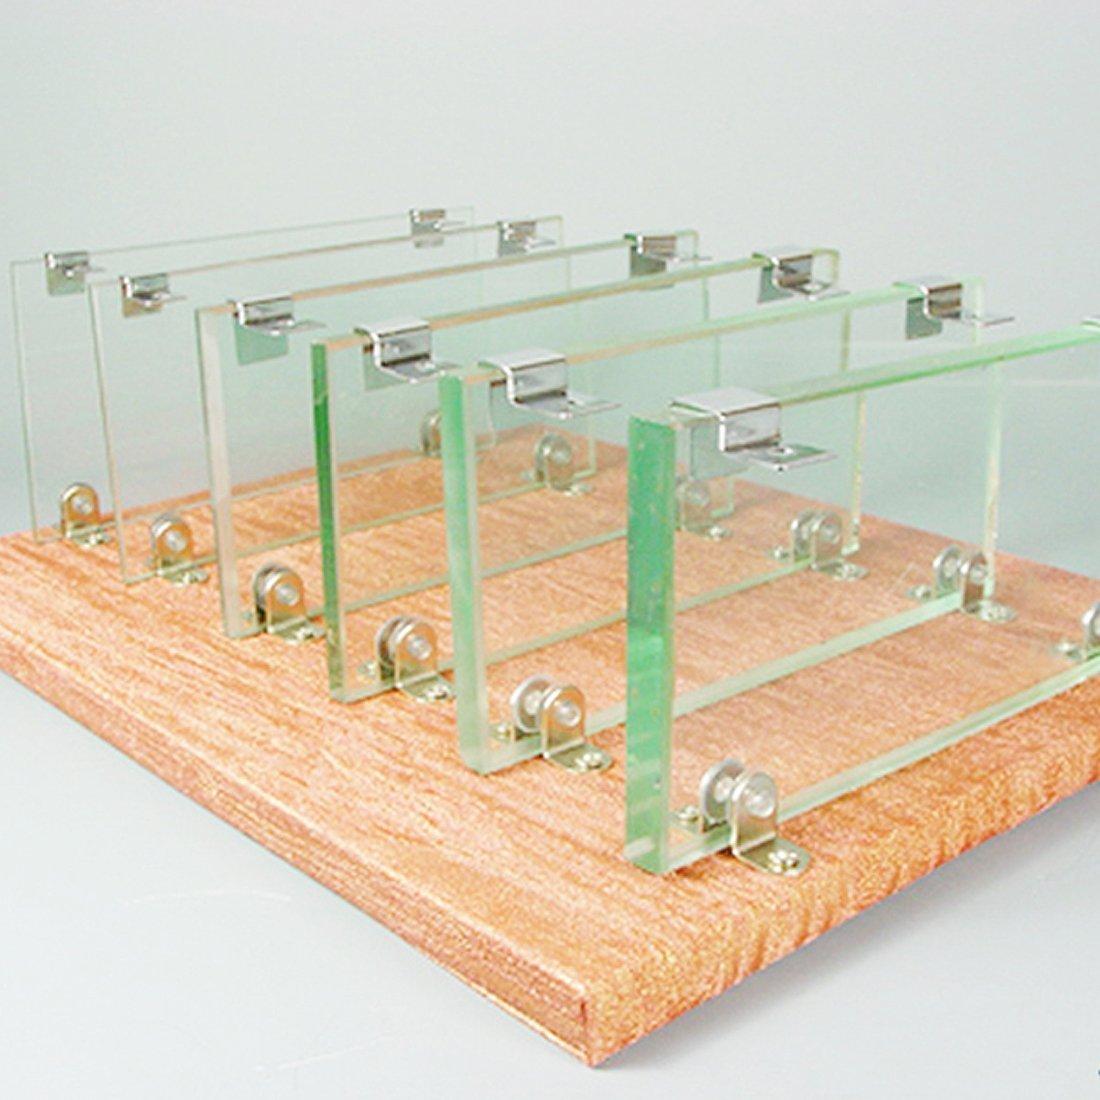 Amazon.com : eDealMax Acero peces de acuario tanque de vidrio cubierta inoxidable Pinza DE 4 PC : Pet Supplies